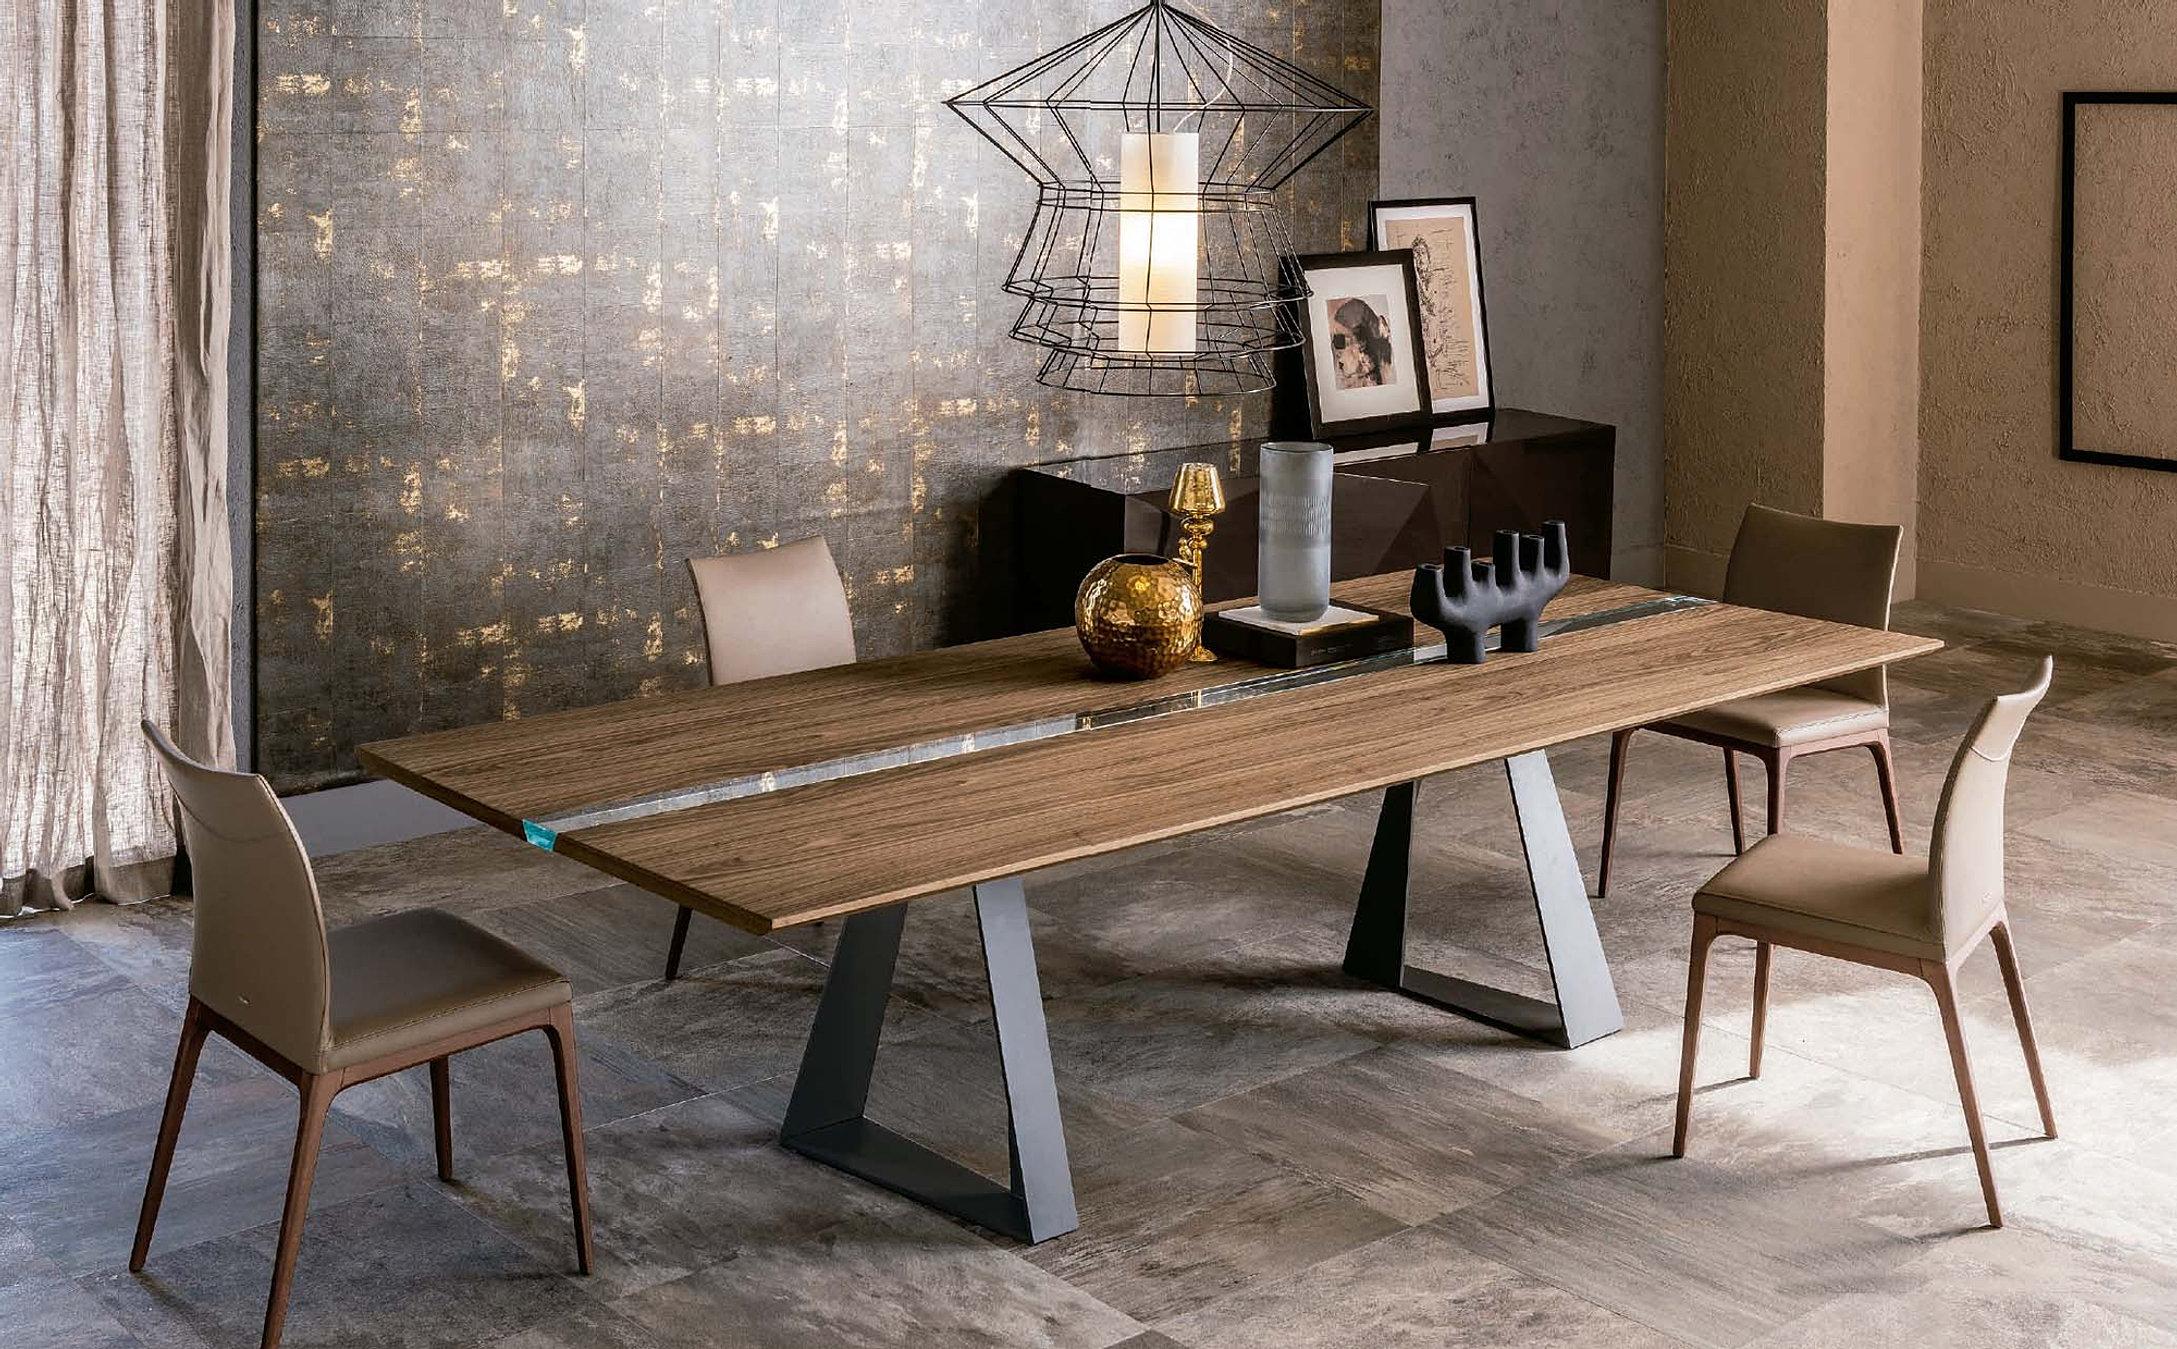 Mesas de comedor modernas muebles monen madrid Muebles nordicos madrid